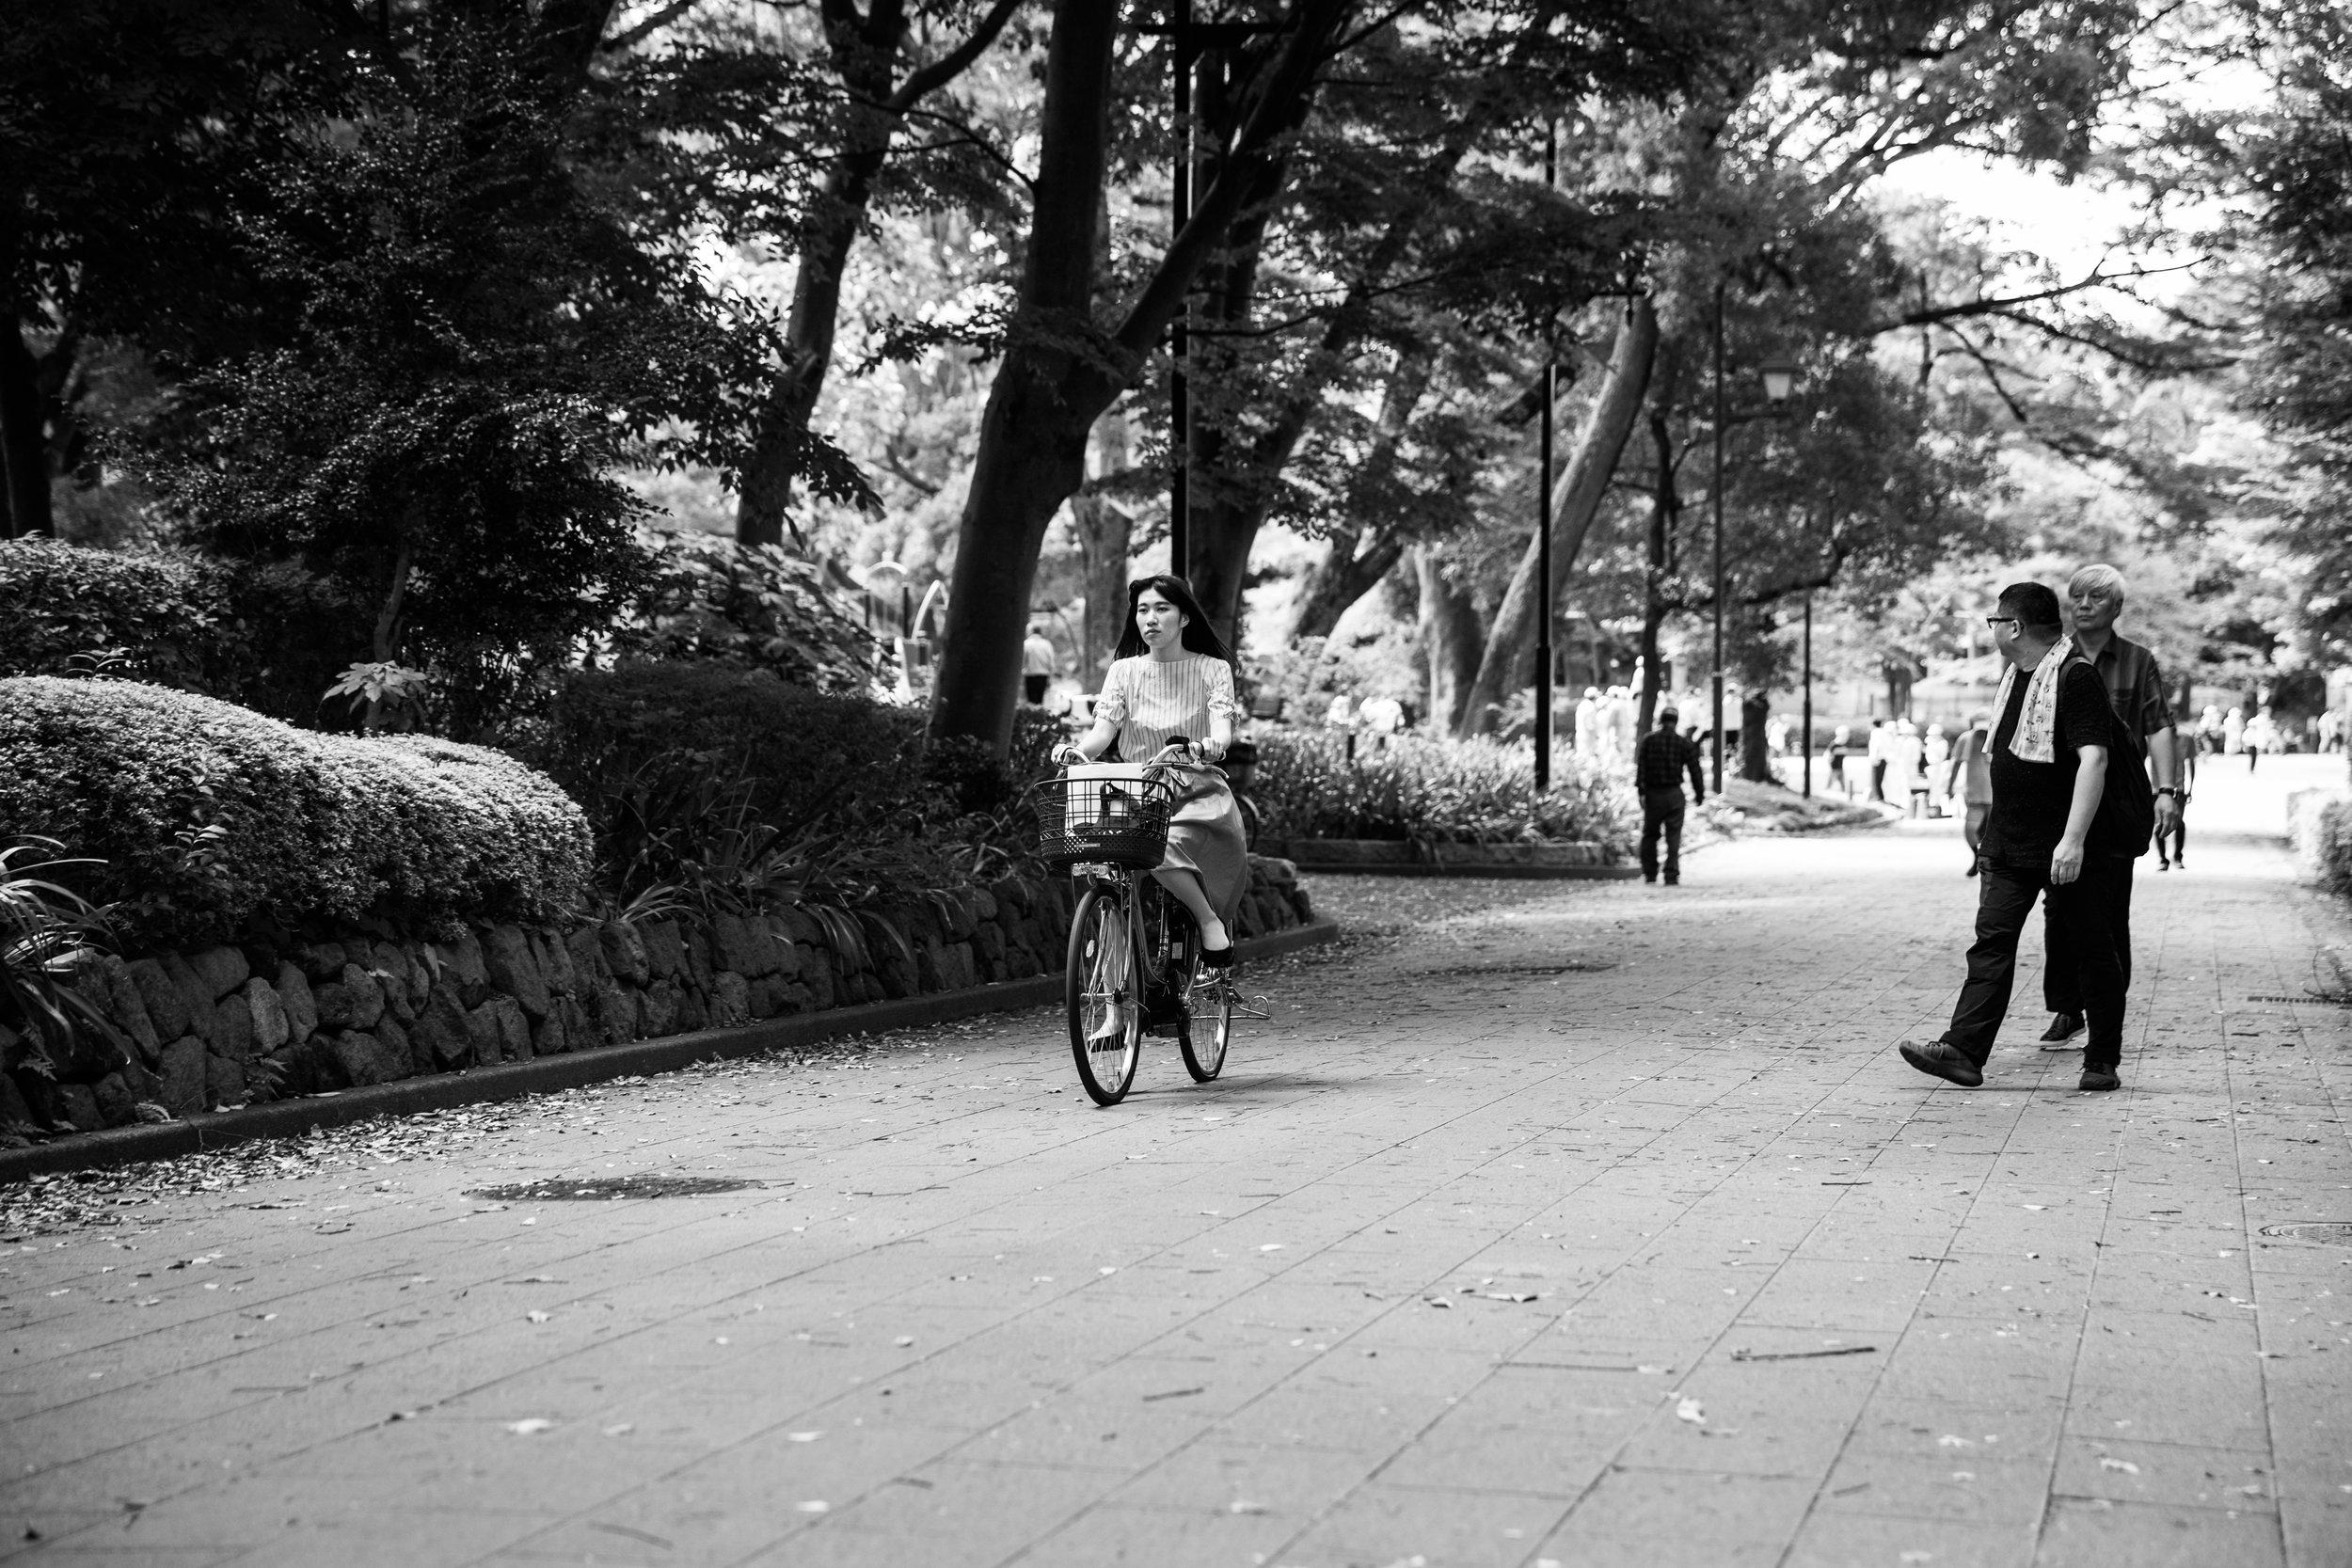 Crusing through Ueno Park.